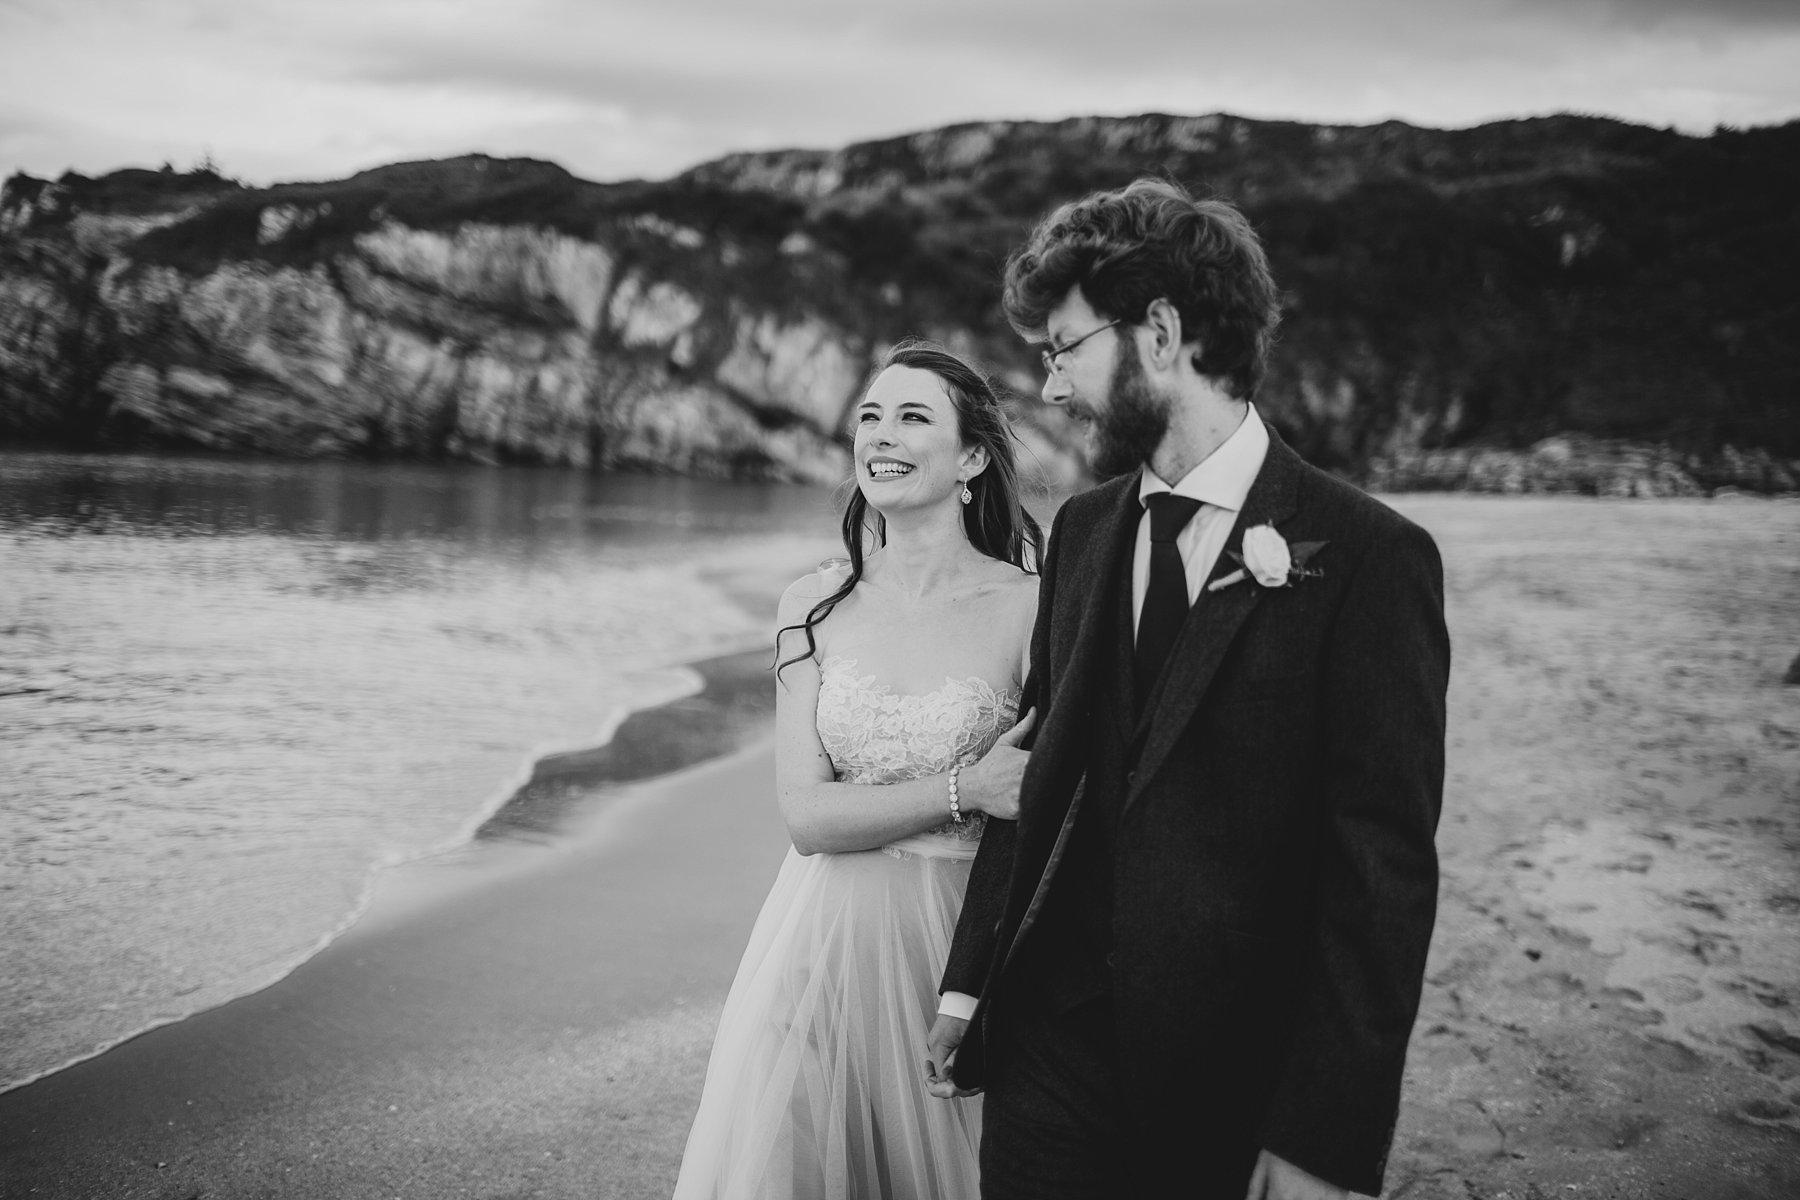 hornhead_donegak_elopement_weddings_0068